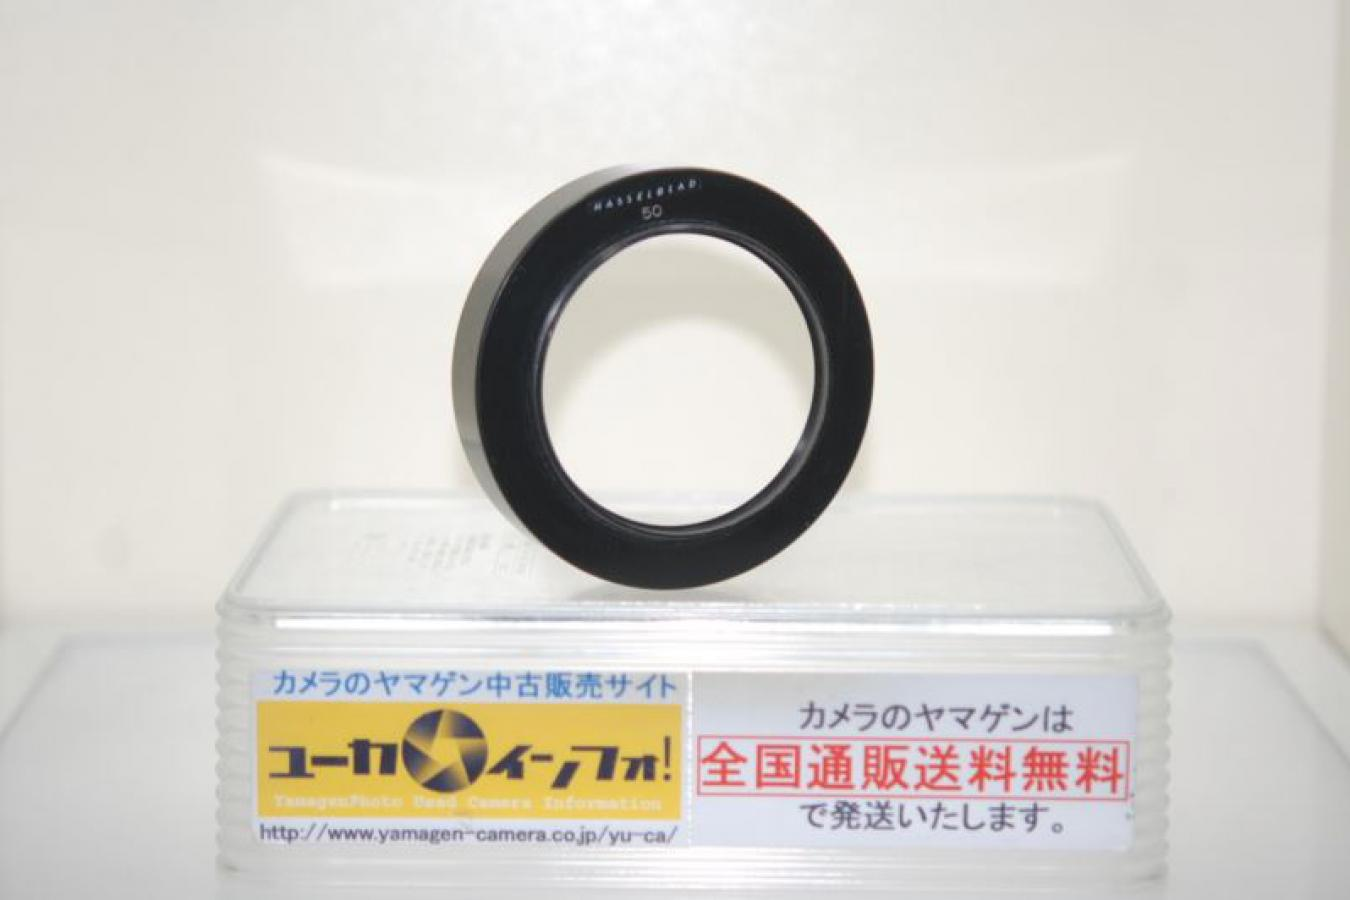 ハッセルブラッド メタルフード50 【ディスタゴンC50?用】